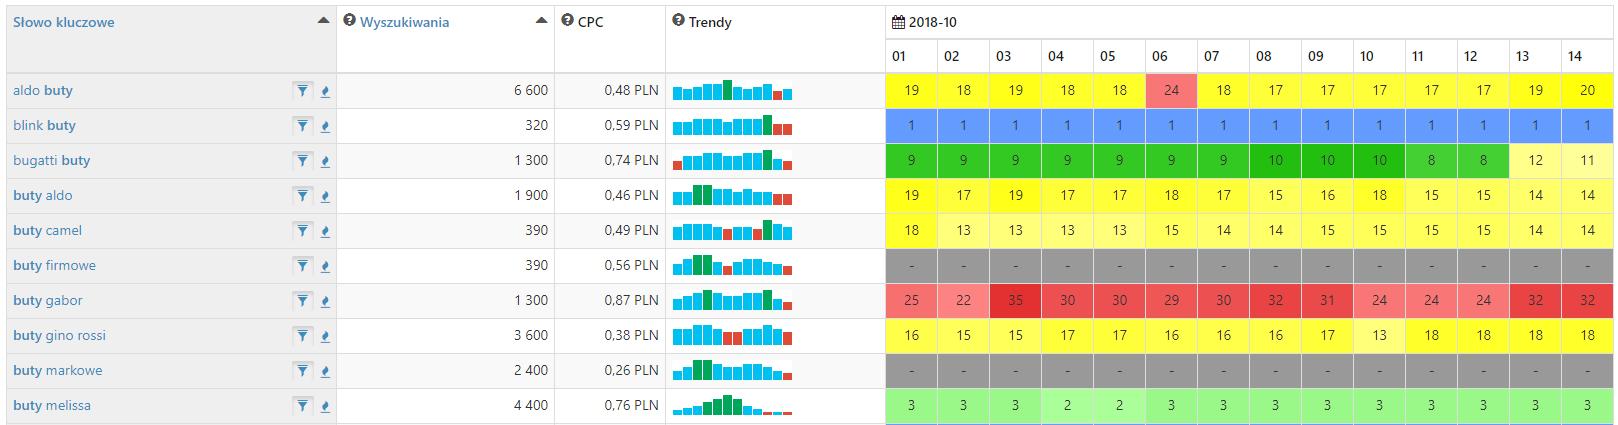 SEMSTORM - Przykładowe wyniki kampanii po kilku godzinach od jej utworzenia - Sprawdź pełny raport następnego dnia